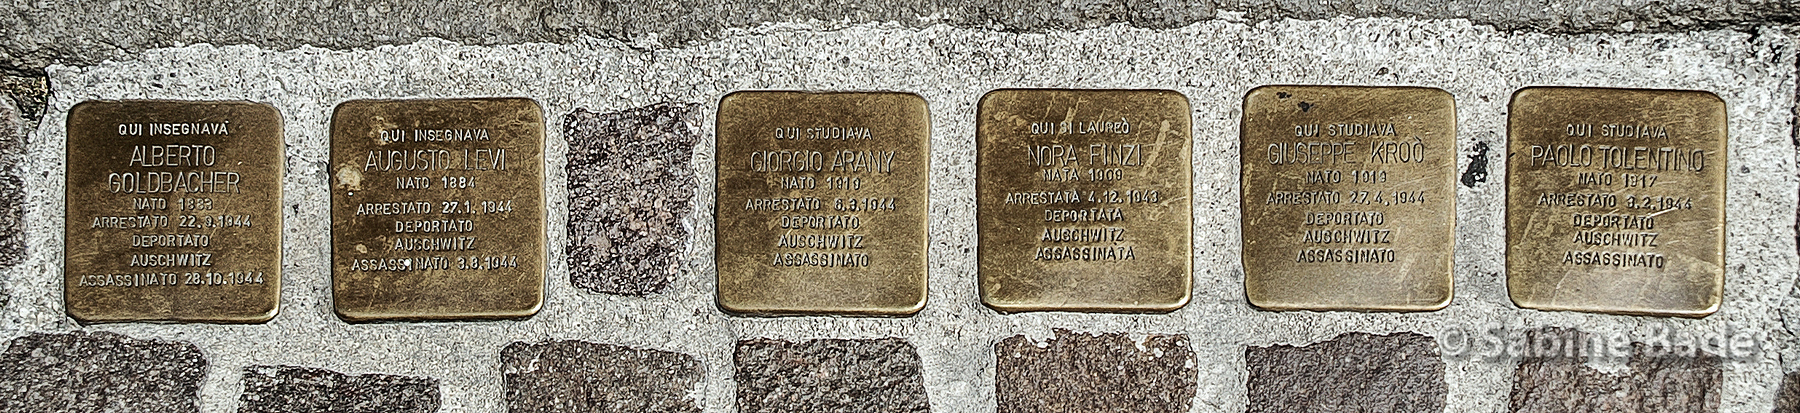 Am 21. Januar 2018 wurden zudem vor dem Eingang zum Cortile Nuovo des Palazzo Bo sechs Stolpersteine für jüdische Studierende und Lehrende der Universität Padua verlegt, die in Auschwitz ermordet wurden.